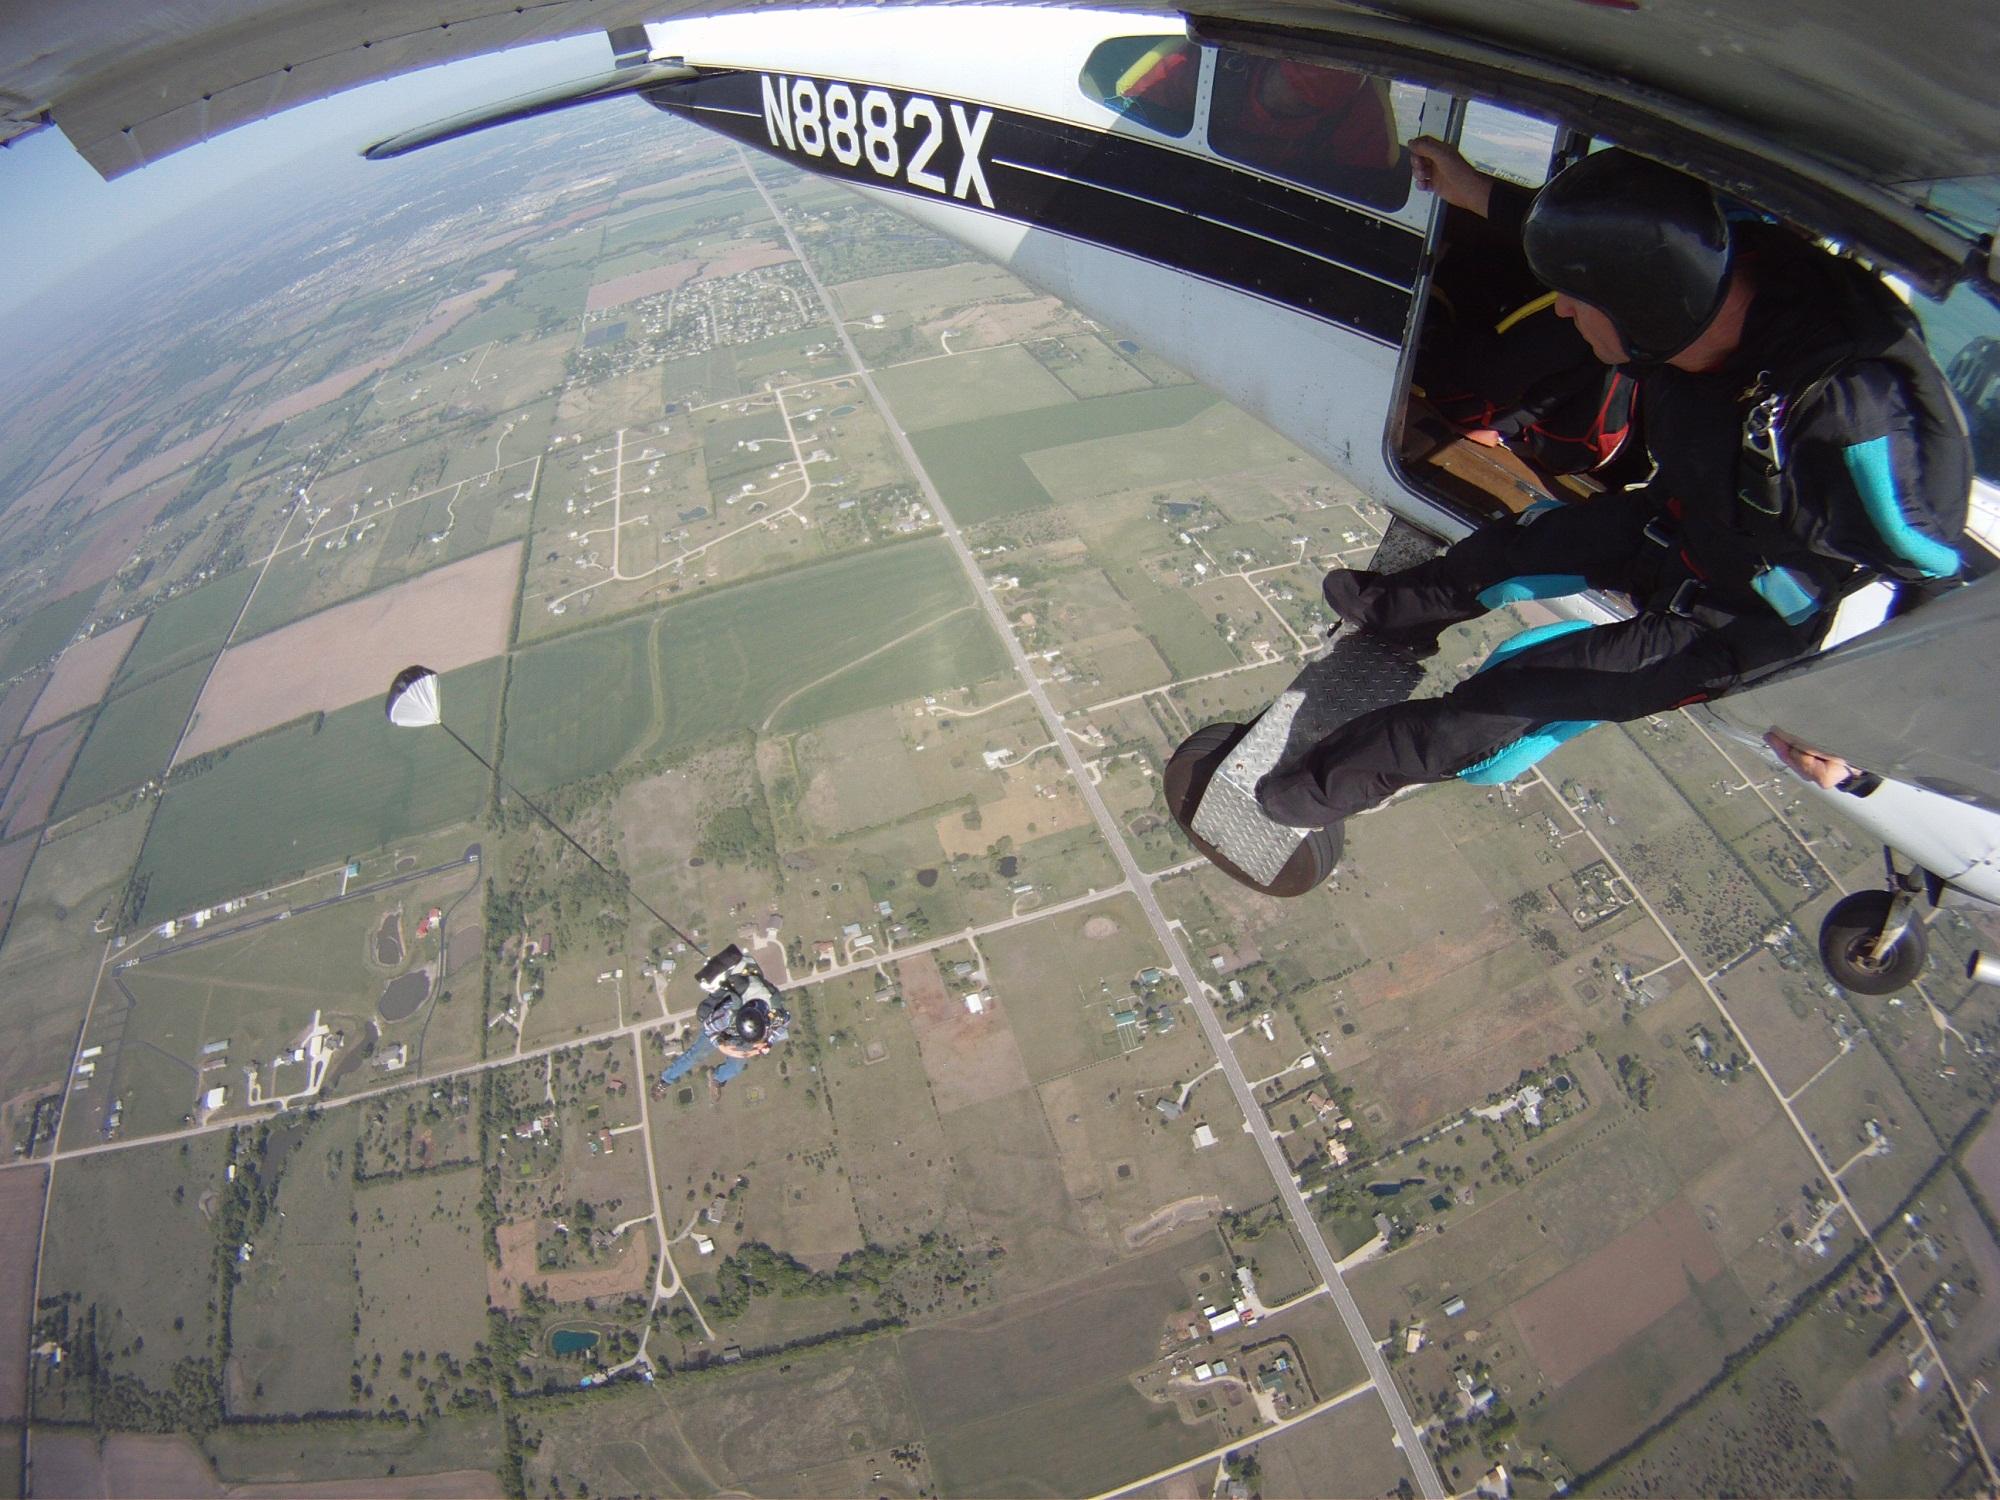 Wing Camera IAD 7